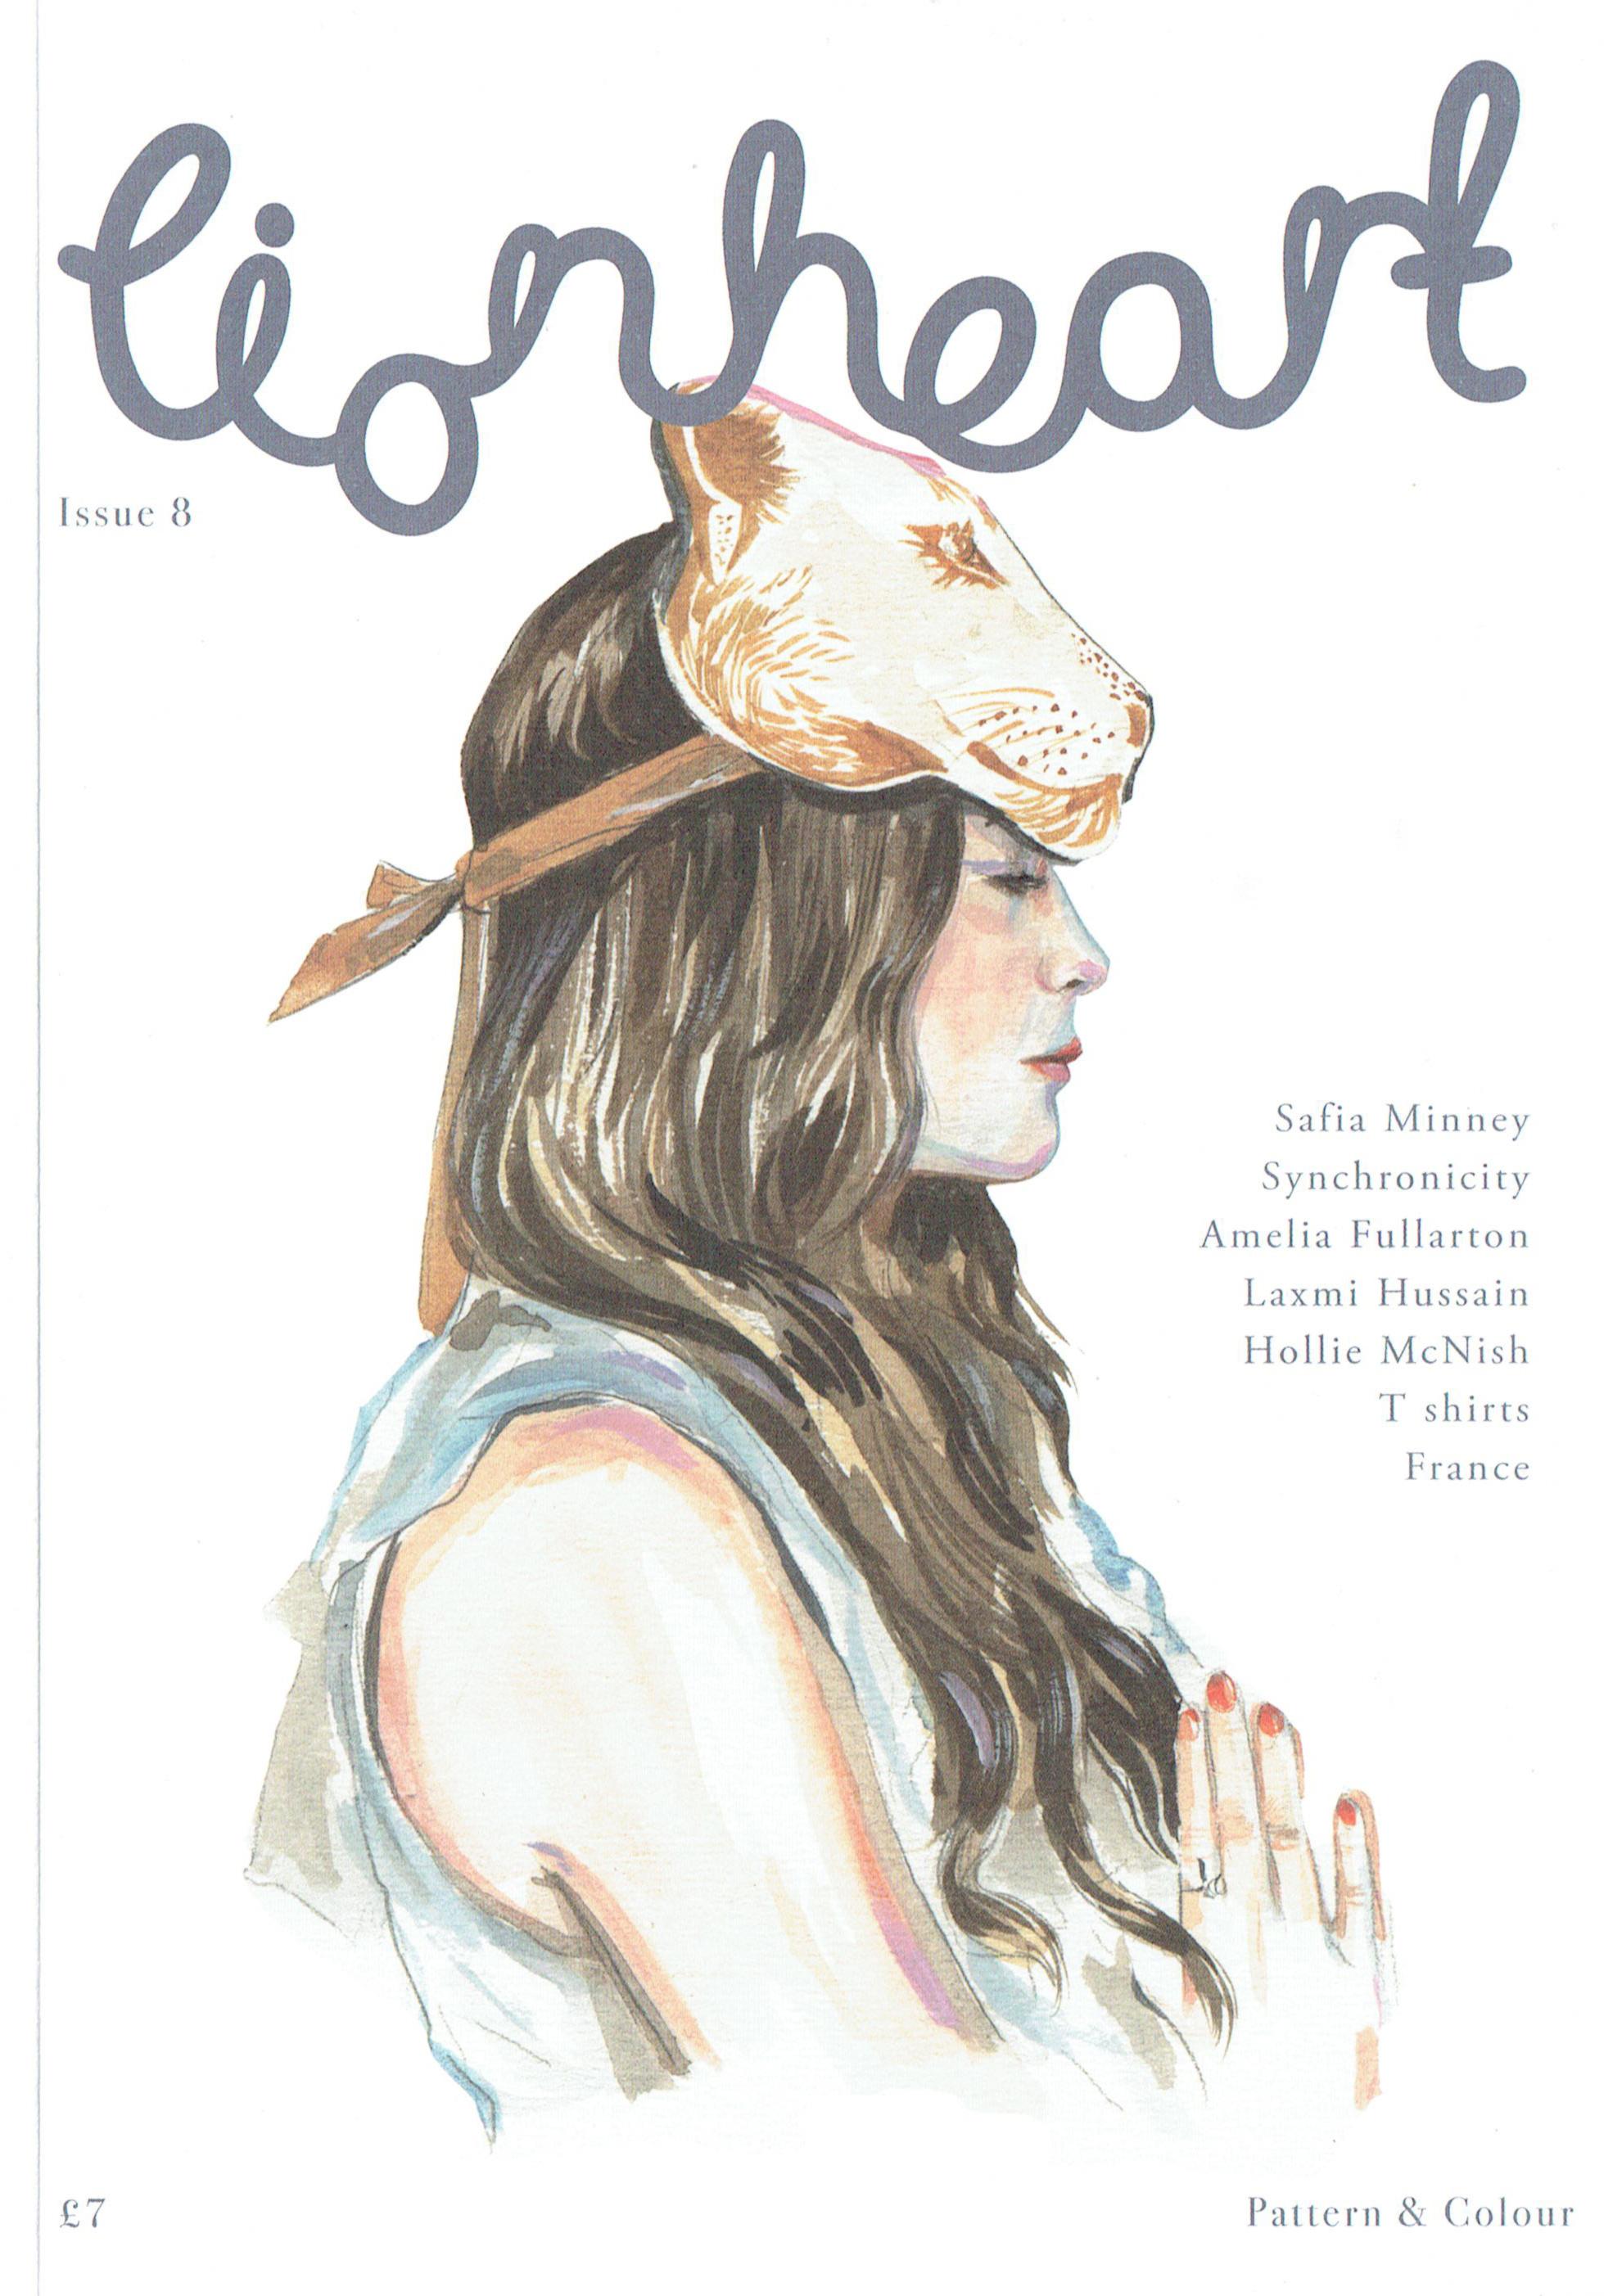 Lionheart Magazine - Issue 8